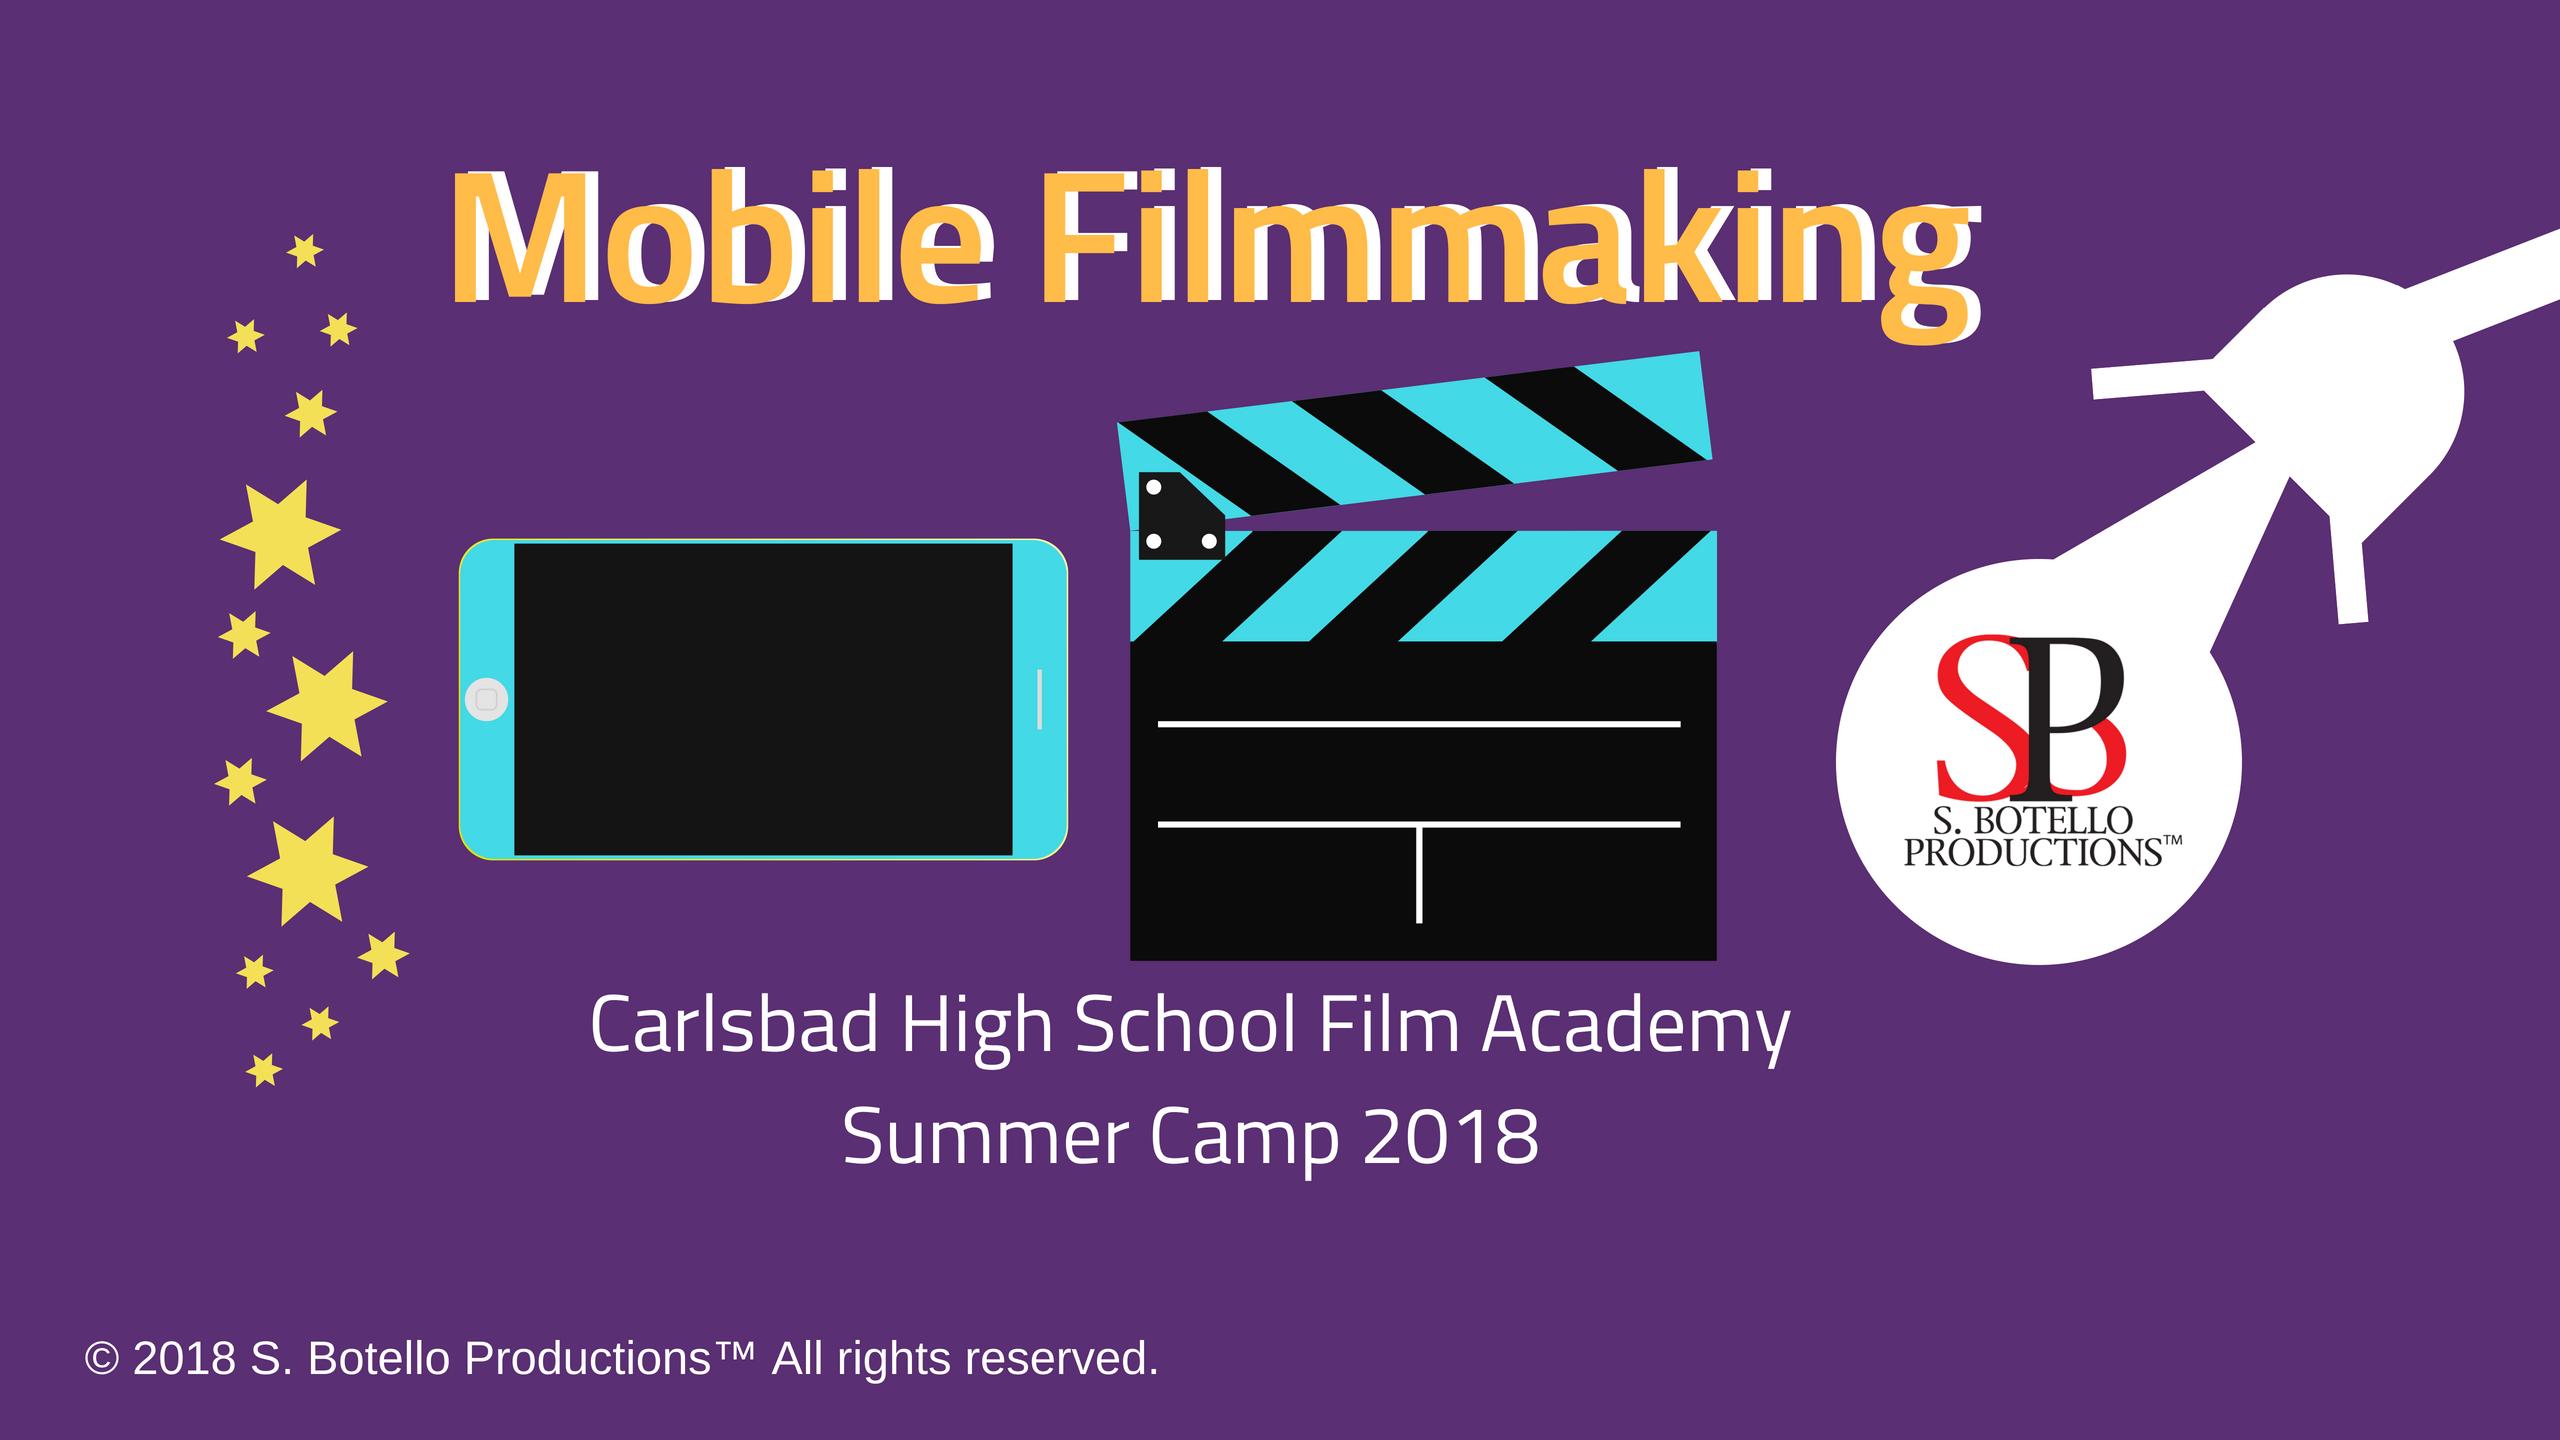 Mobile Film School Carlsbad HS